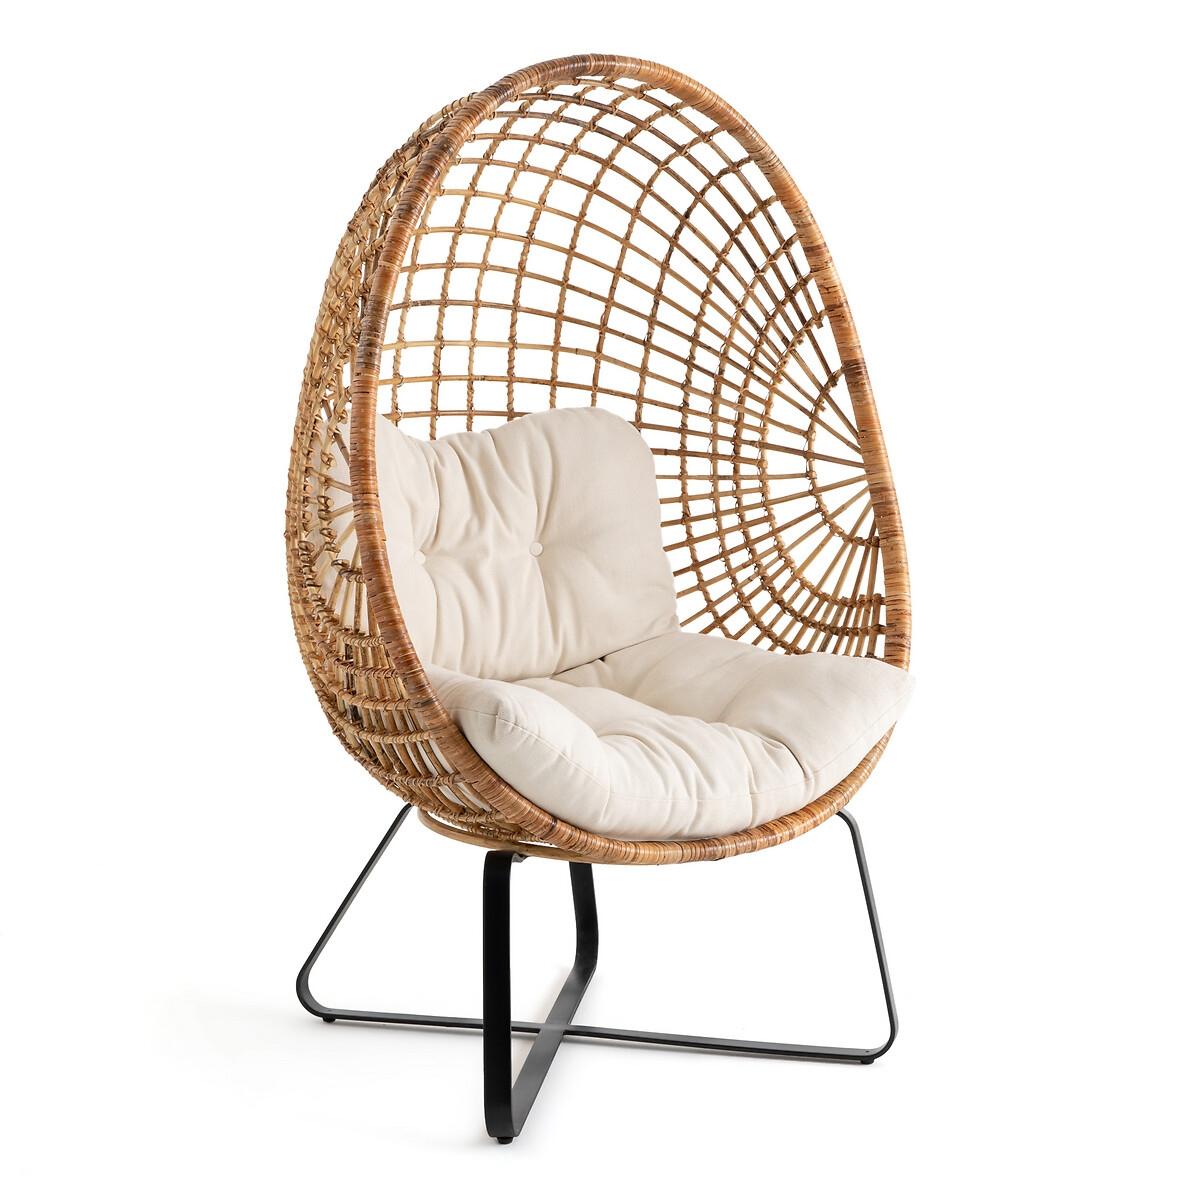 Кресло LaRedoute В виде яйца из ротанга на ножках Finlo единый размер бежевый